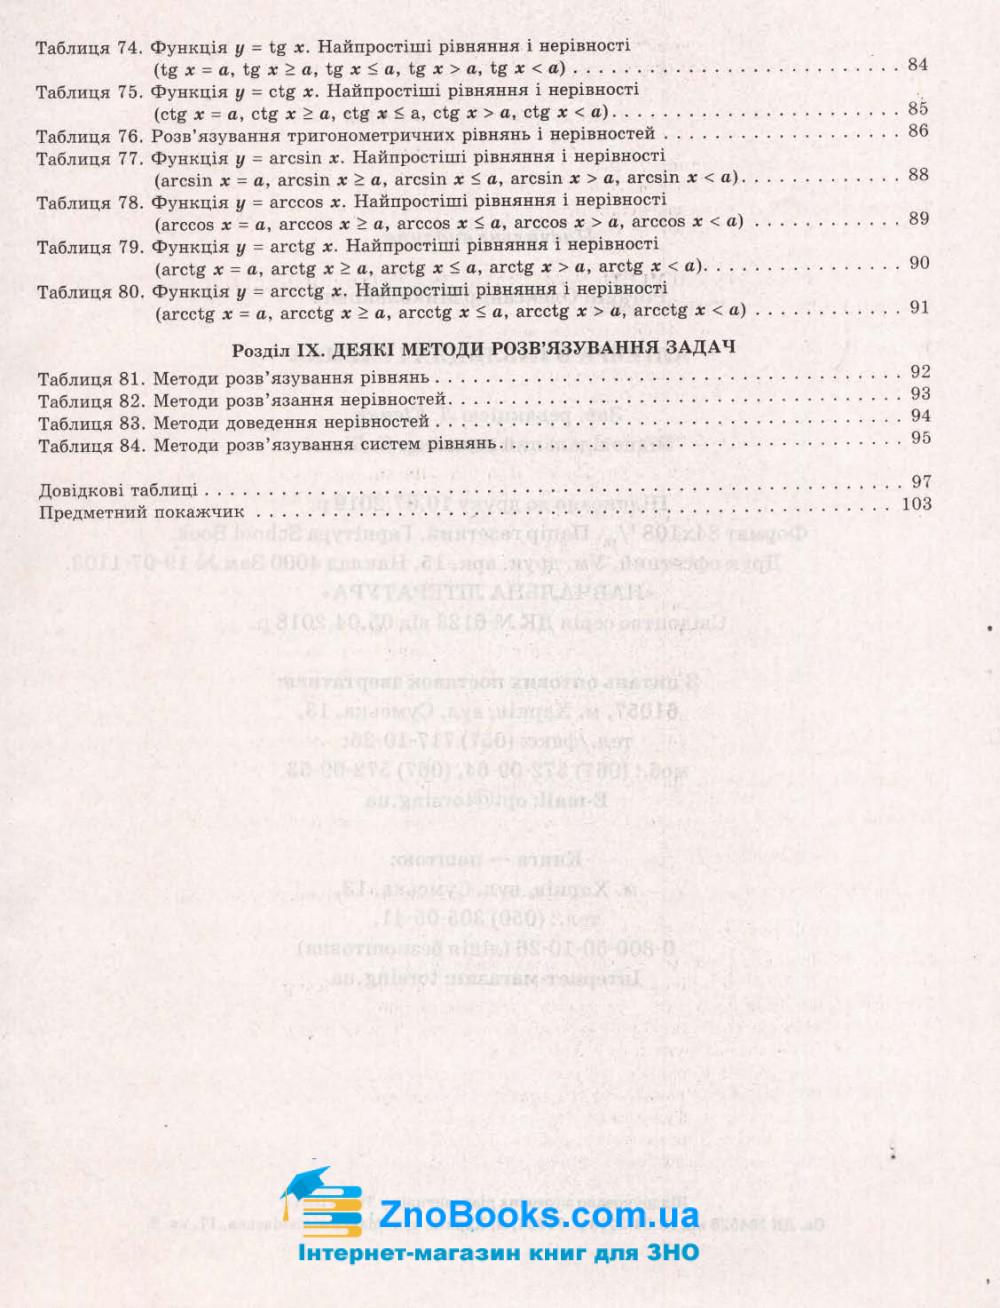 Алгебра. Таблиці та схеми : Роганін О. Торсінг. купити 7